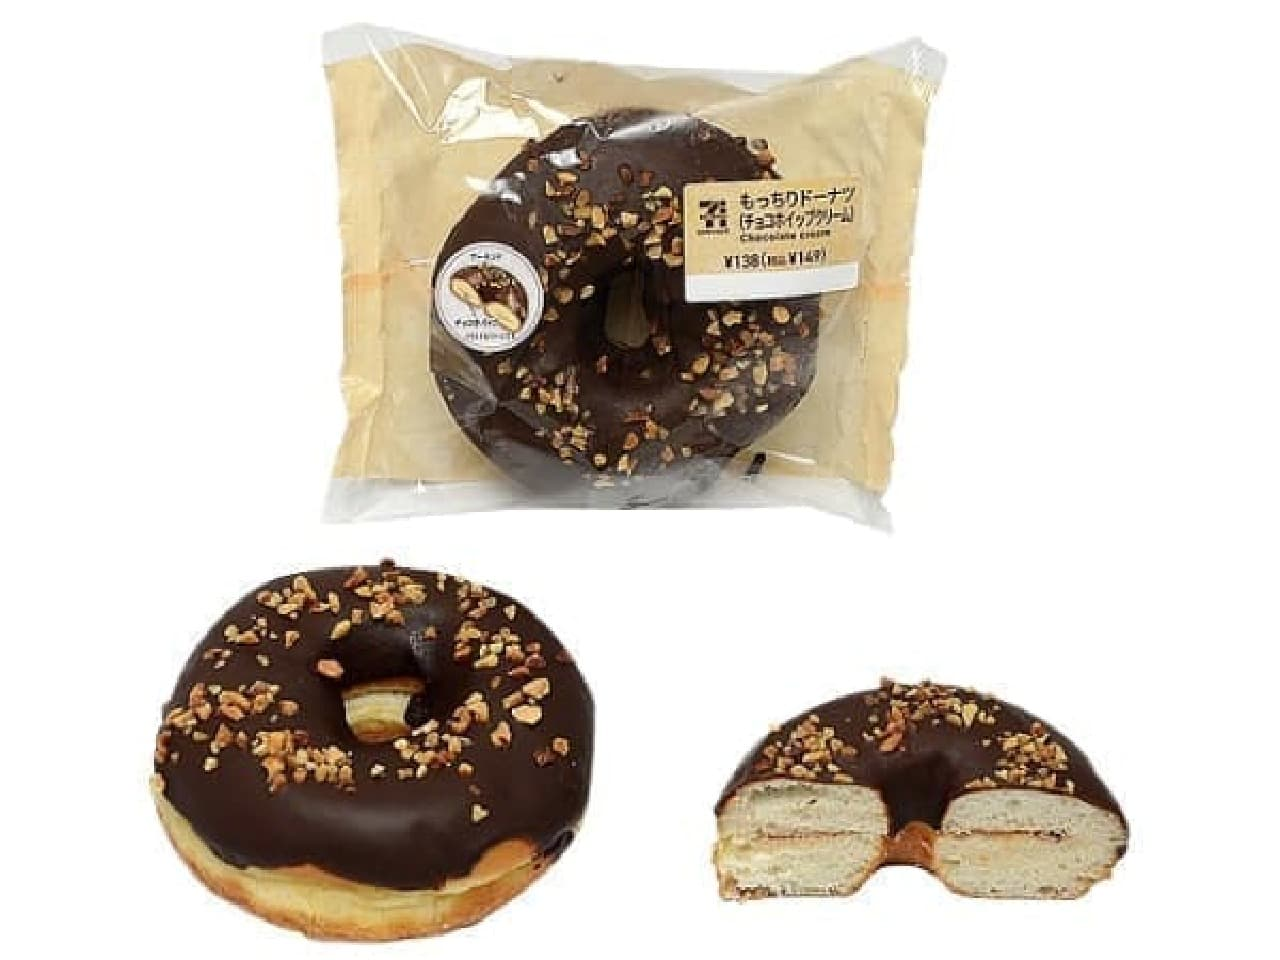 セブン-イレブン「もっちりドーナツ(チョコホイップクリーム)」